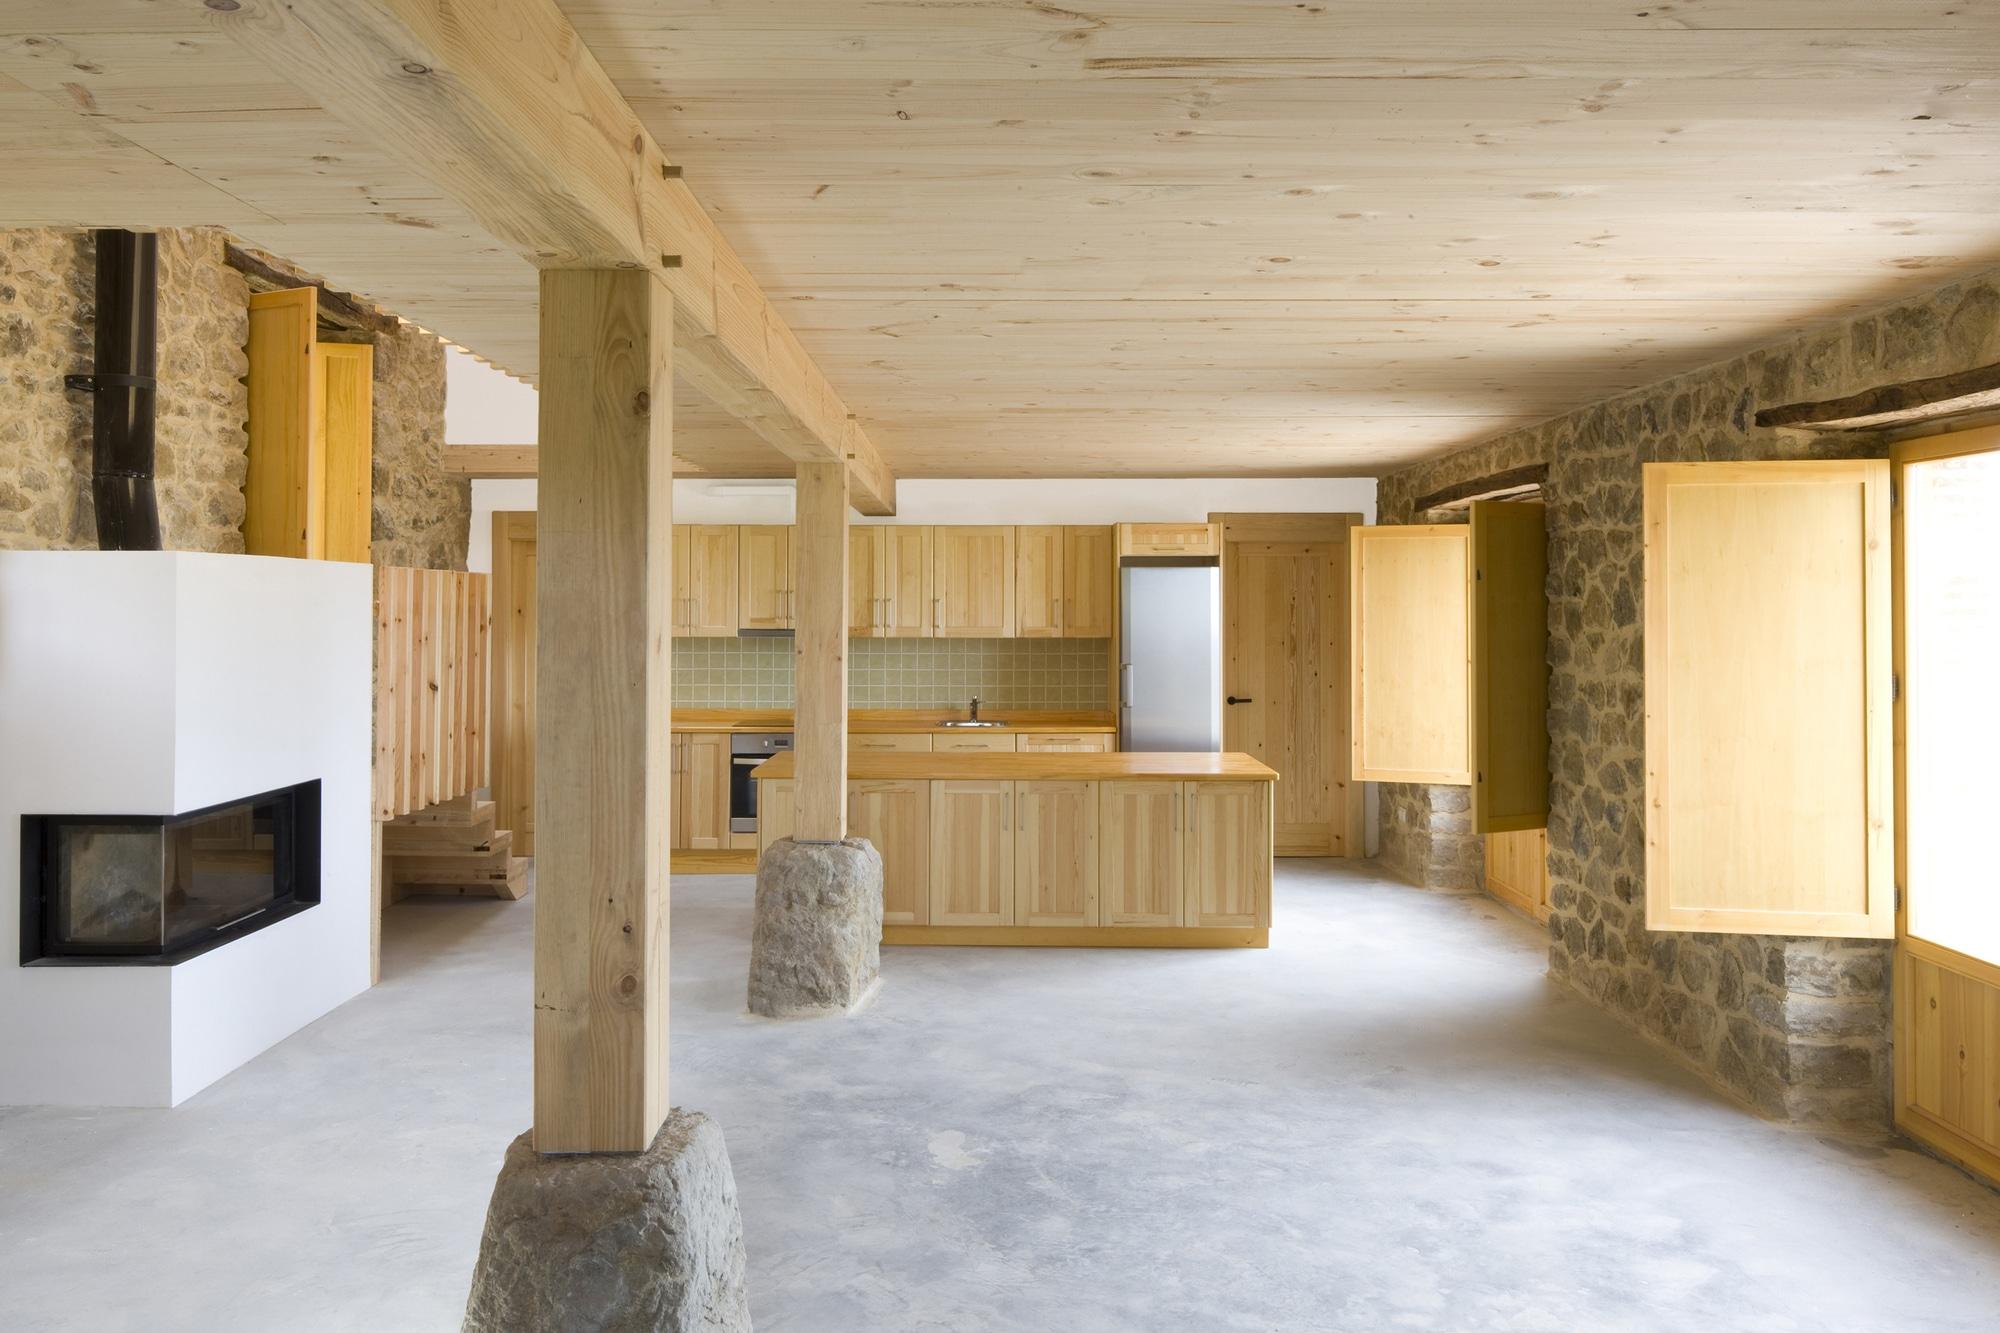 decoracion de interiores madera rustica:Diseño de interiores de casa de piedra y madera